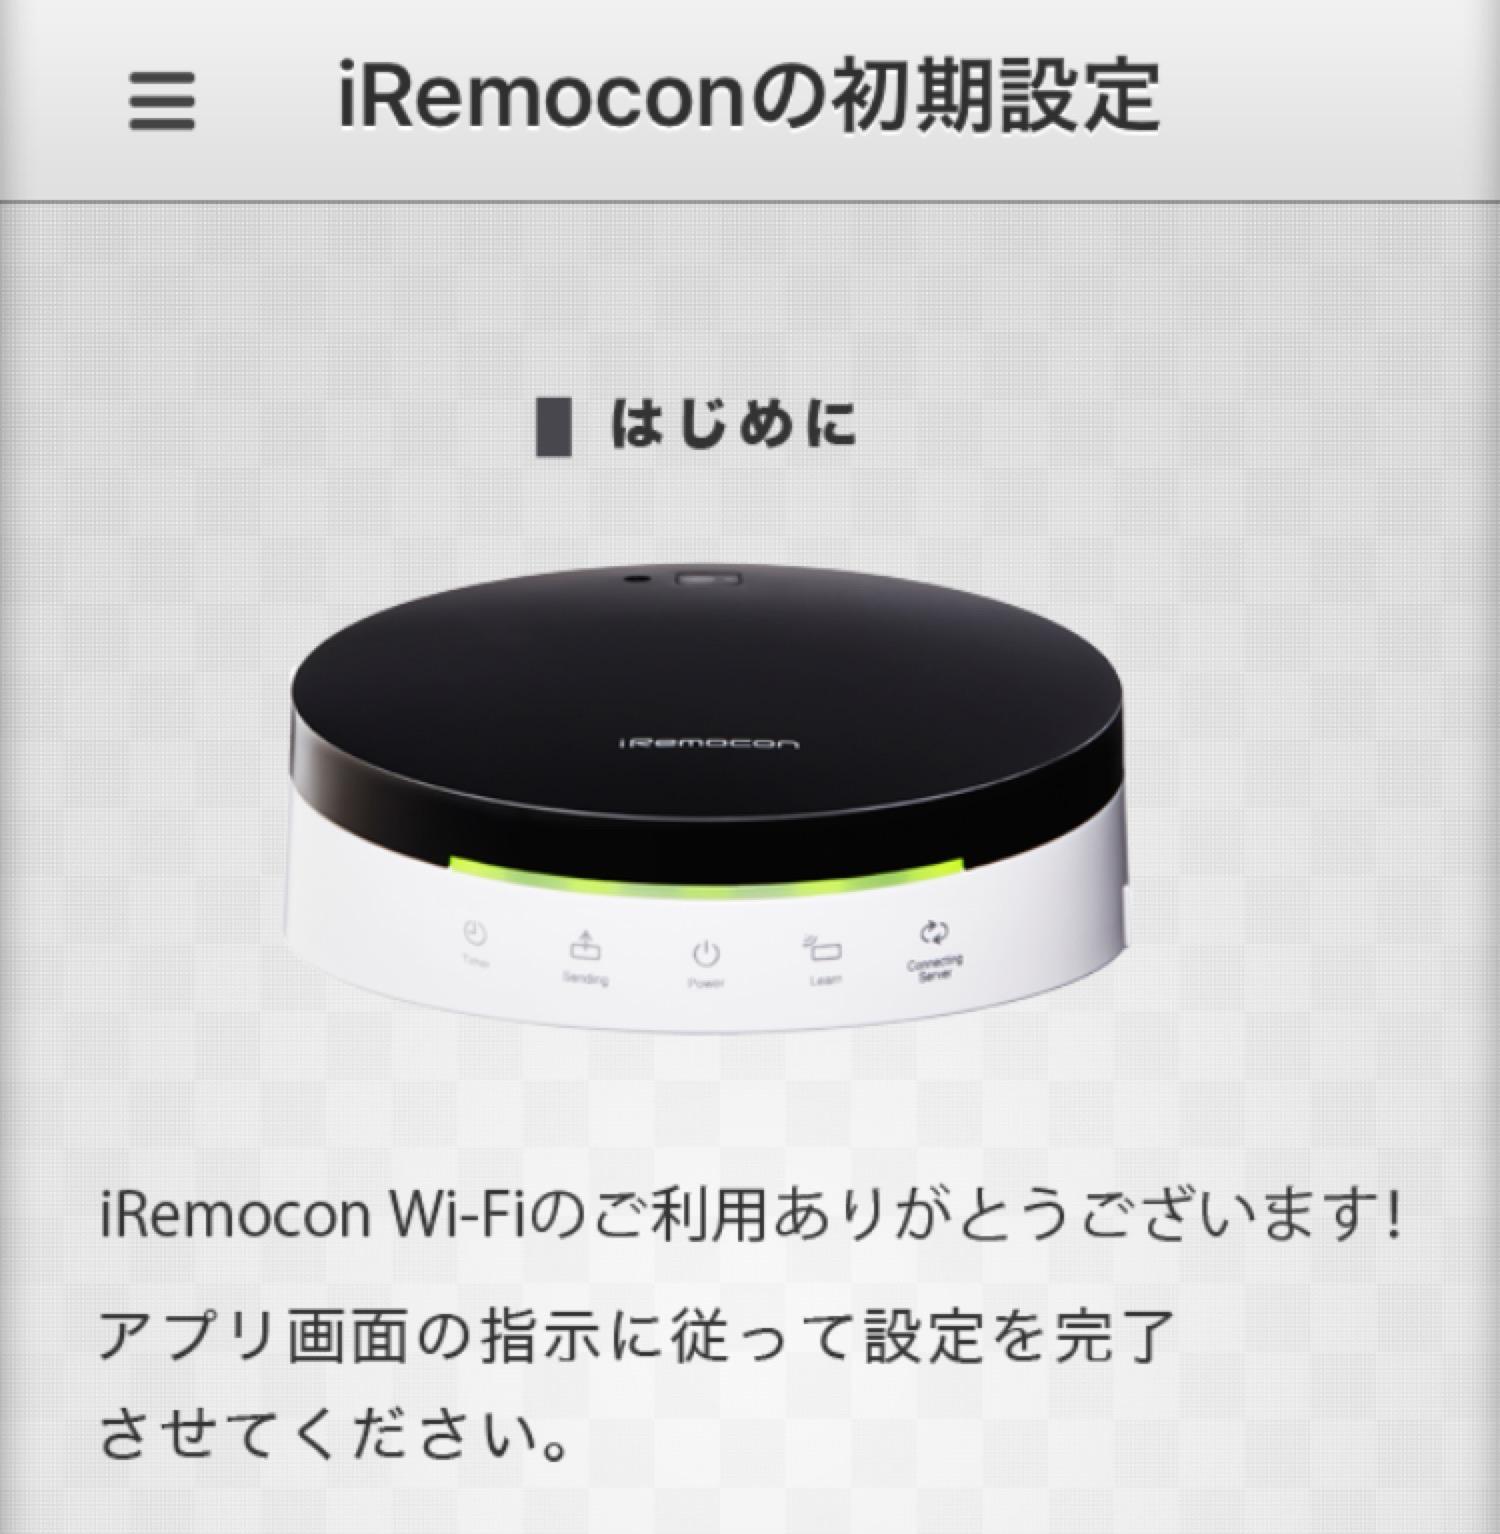 Iremocon3